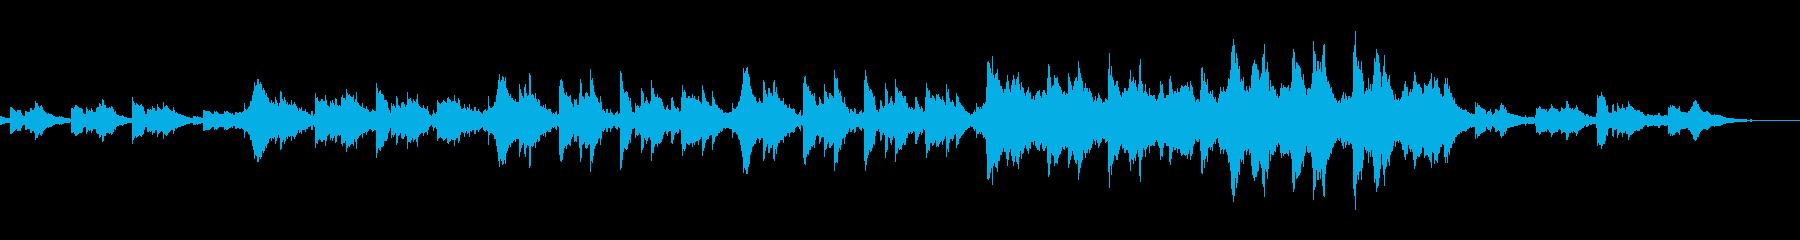 現代的 交響曲 民謡 コーポレート...の再生済みの波形